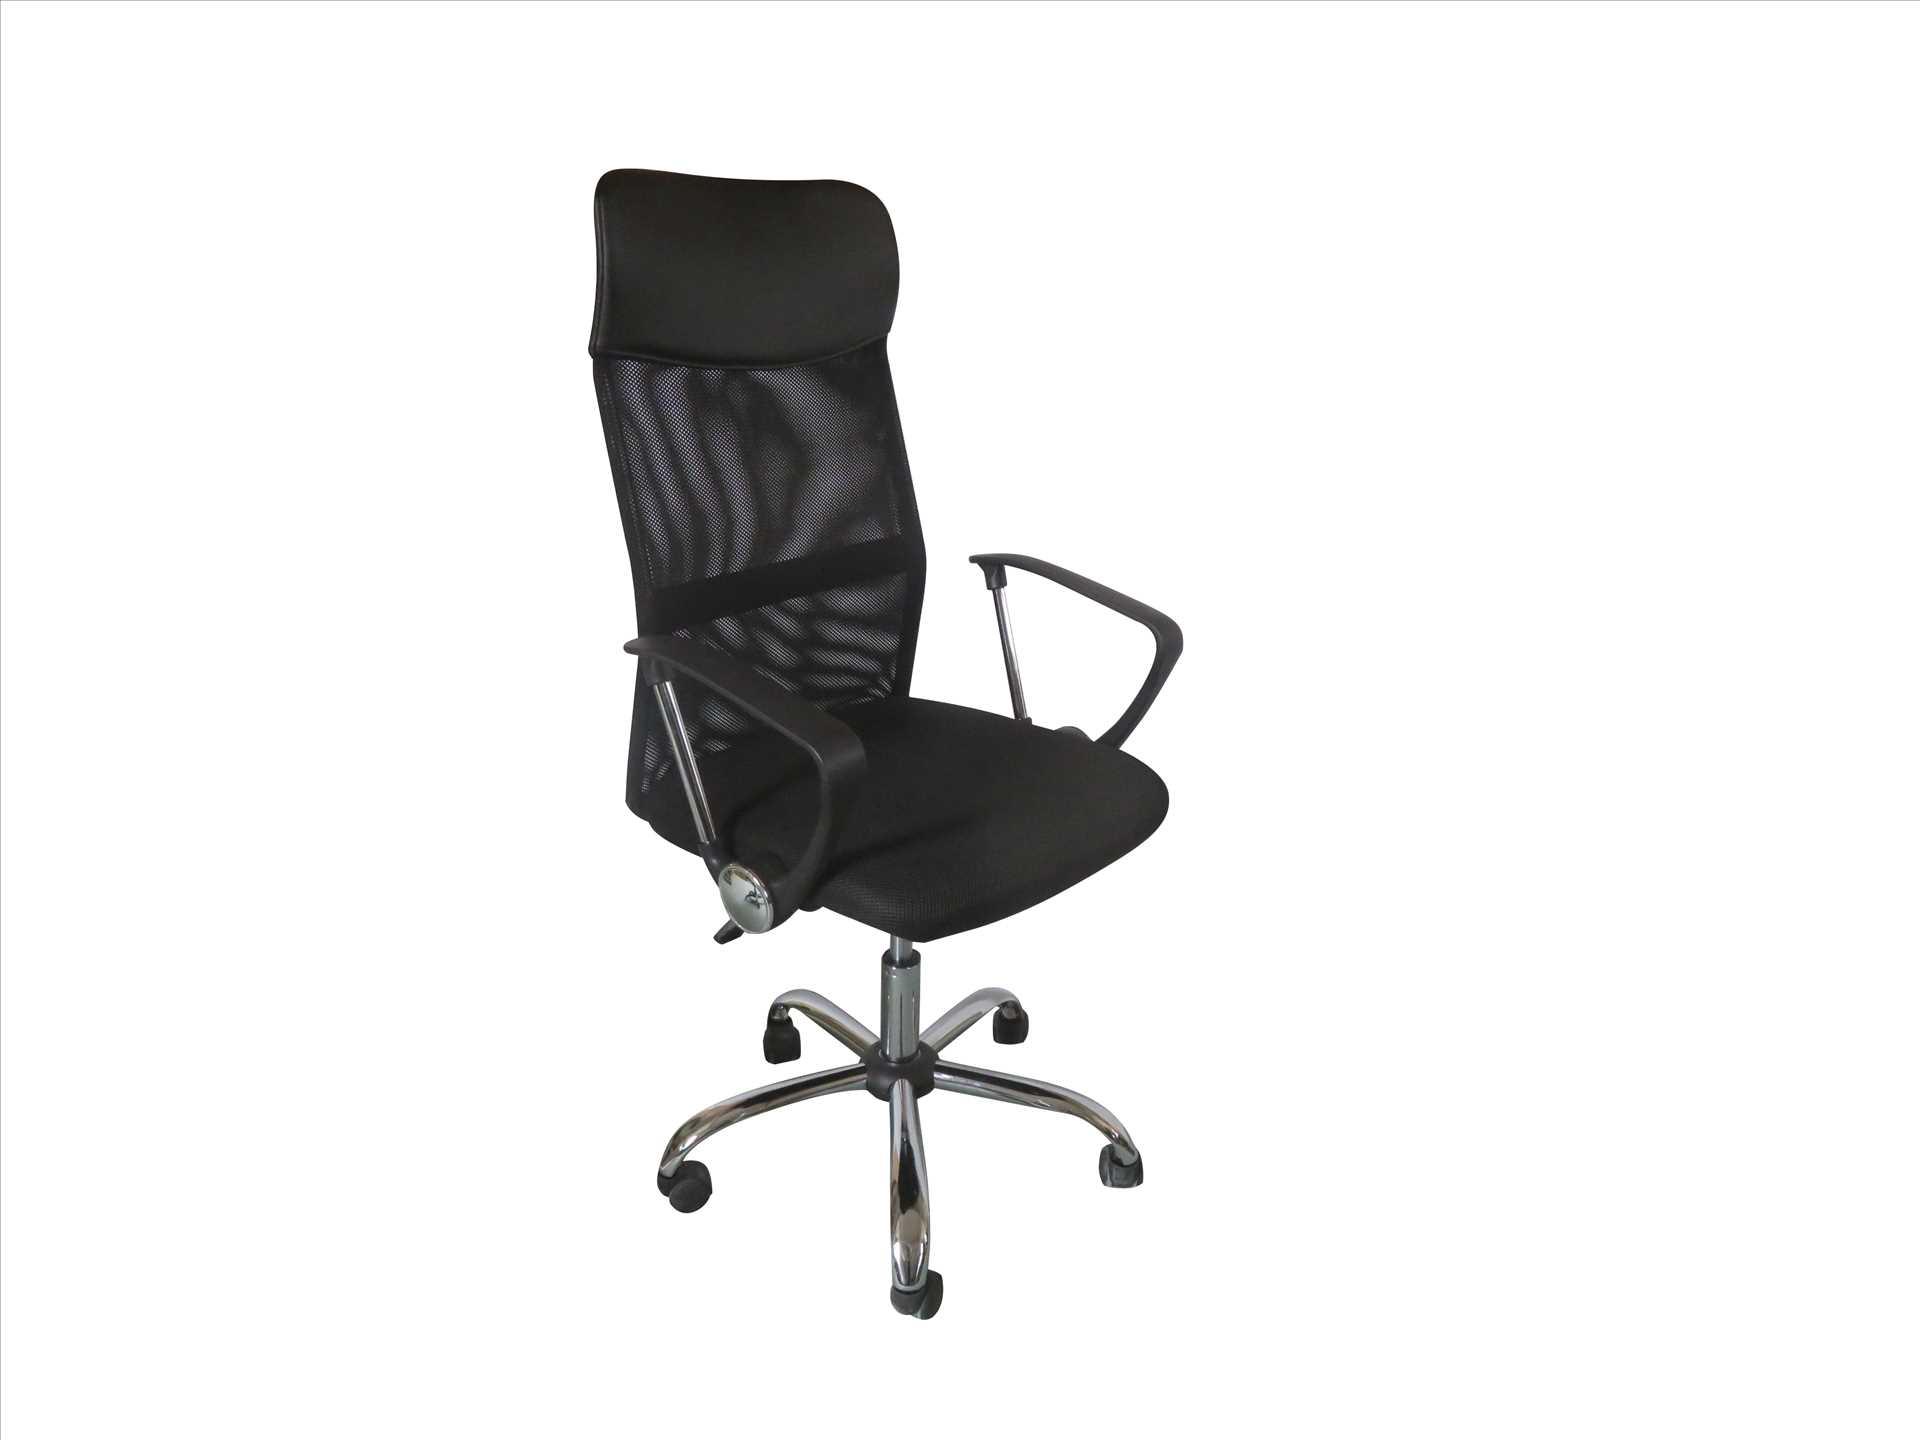 כסא מנהלים PRO TECH דגם בלמונט - פרו טק - תמונה 1